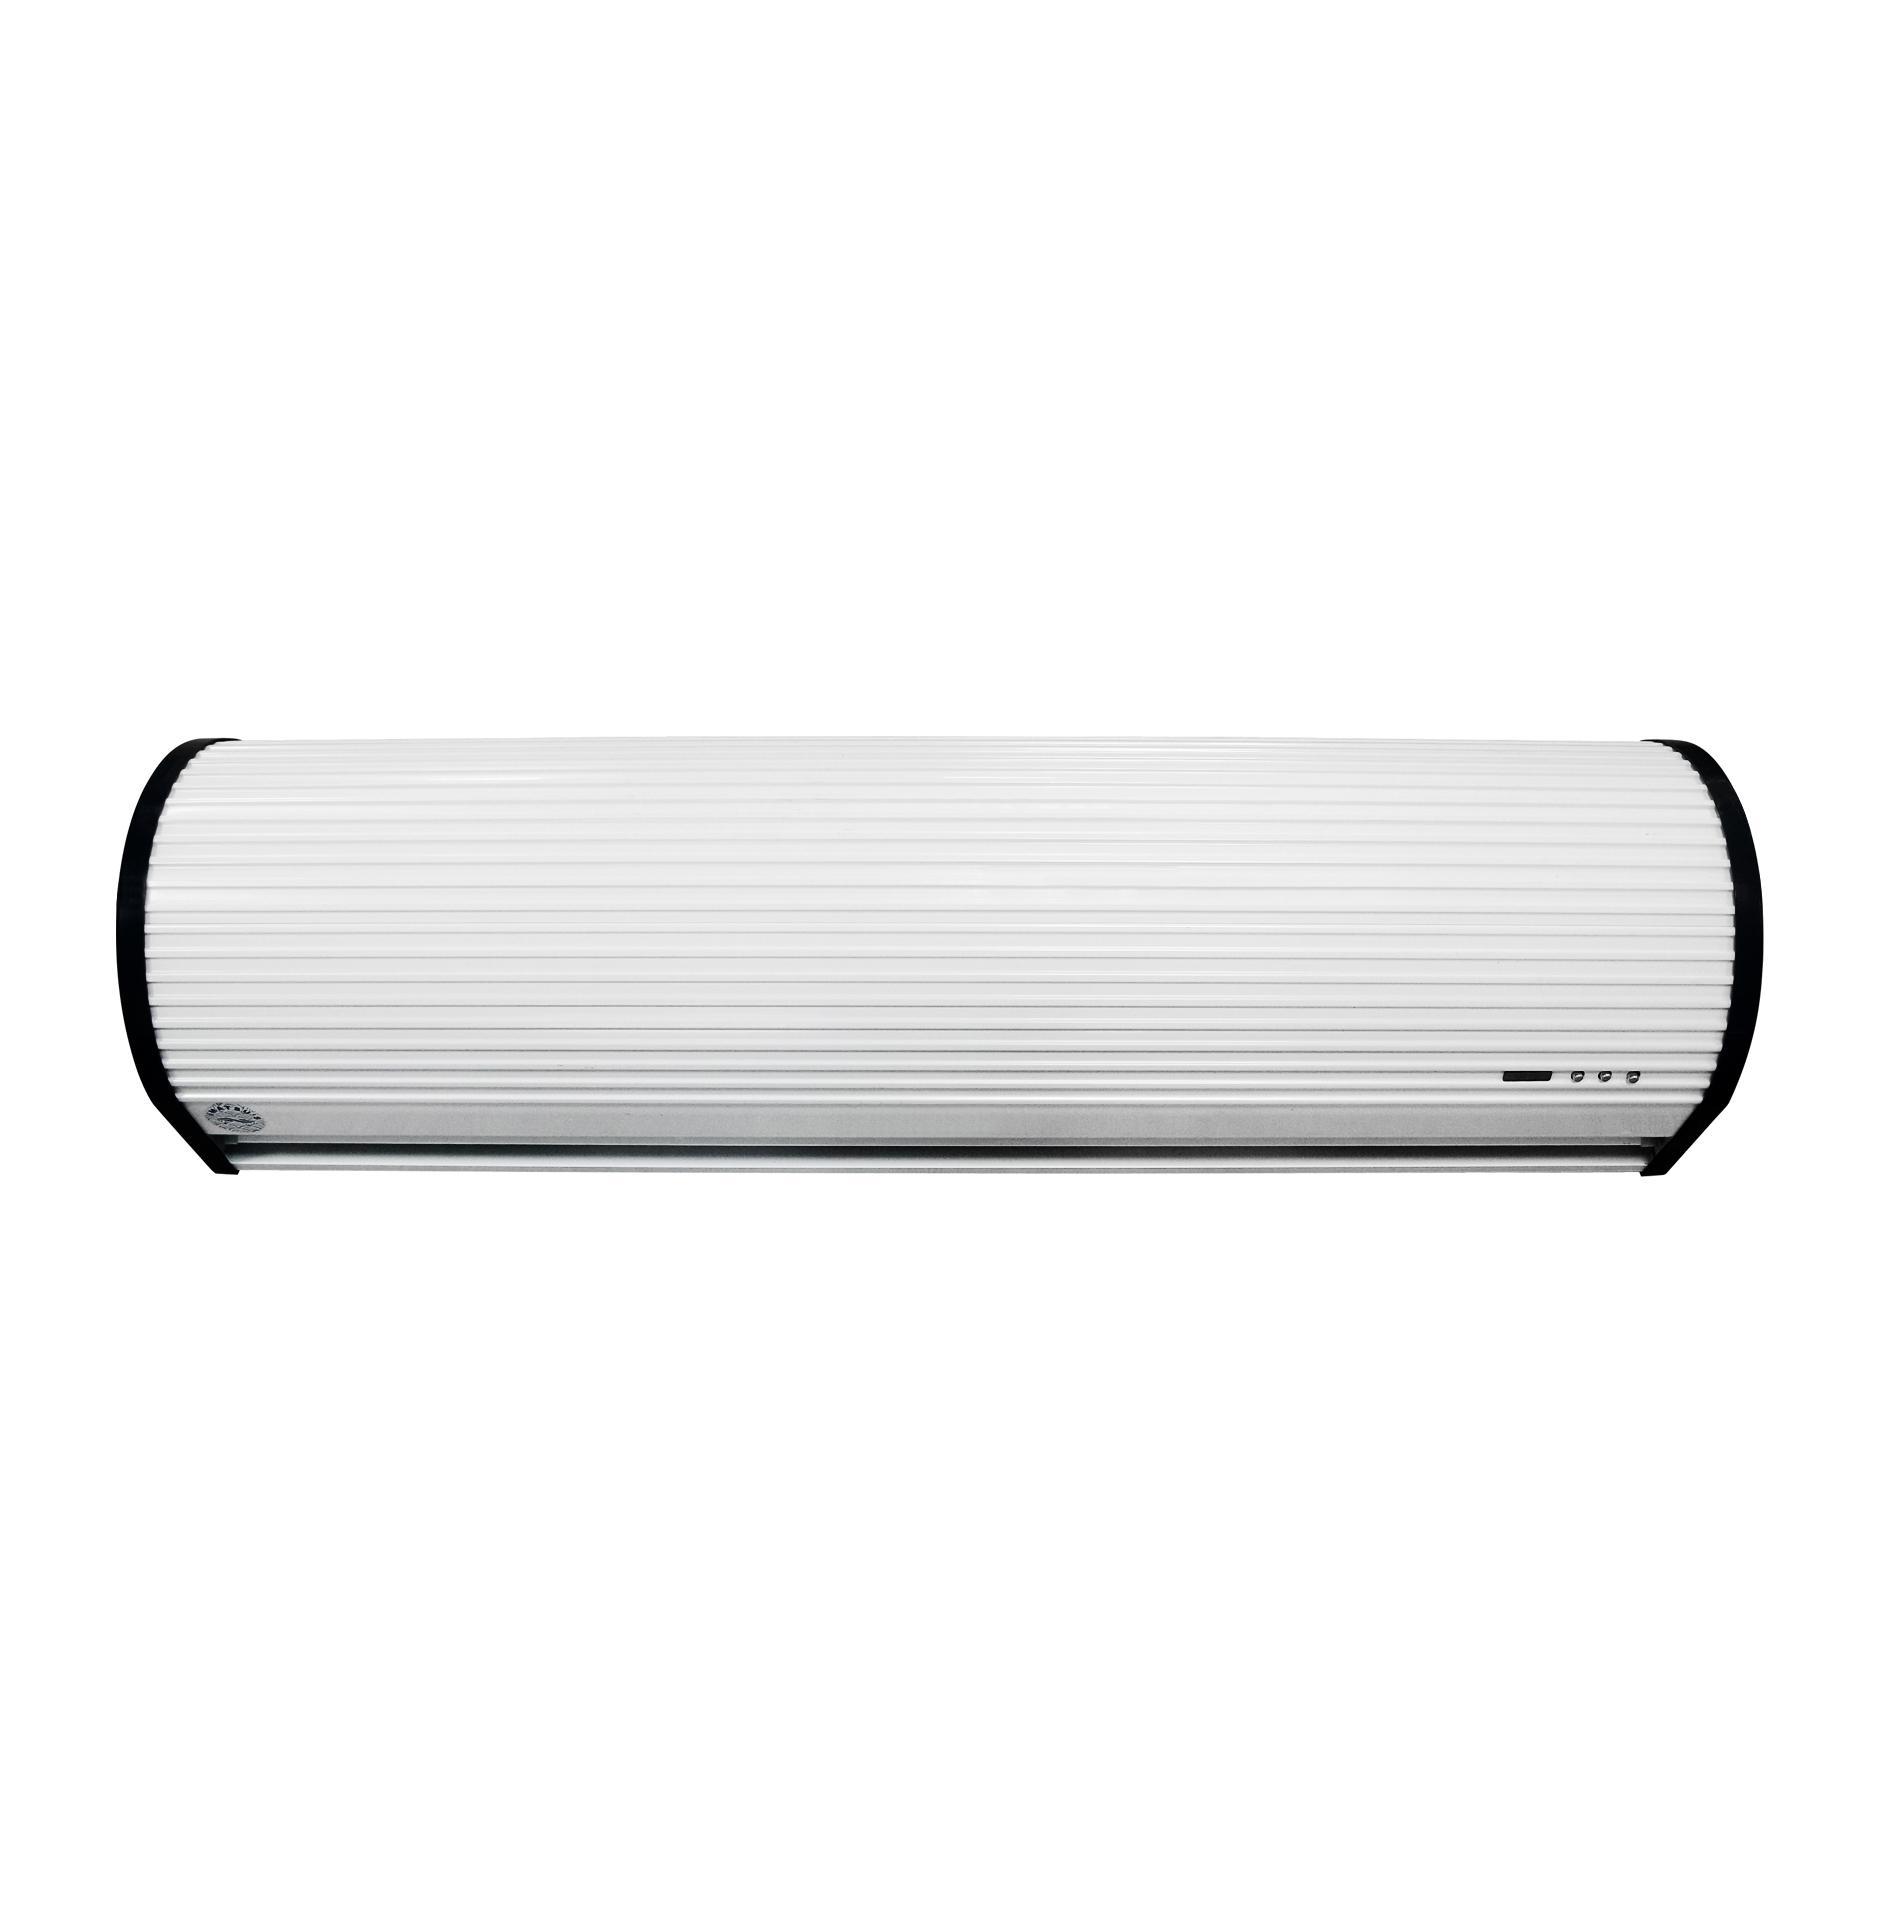 Air Curtain Blower Imatsu AC-FM-W4512-P7-CY Angin Toko Gedung Kantor Hotel Pintu Masuk Nyaman Sejuk Segar Fresh Tirai Udara